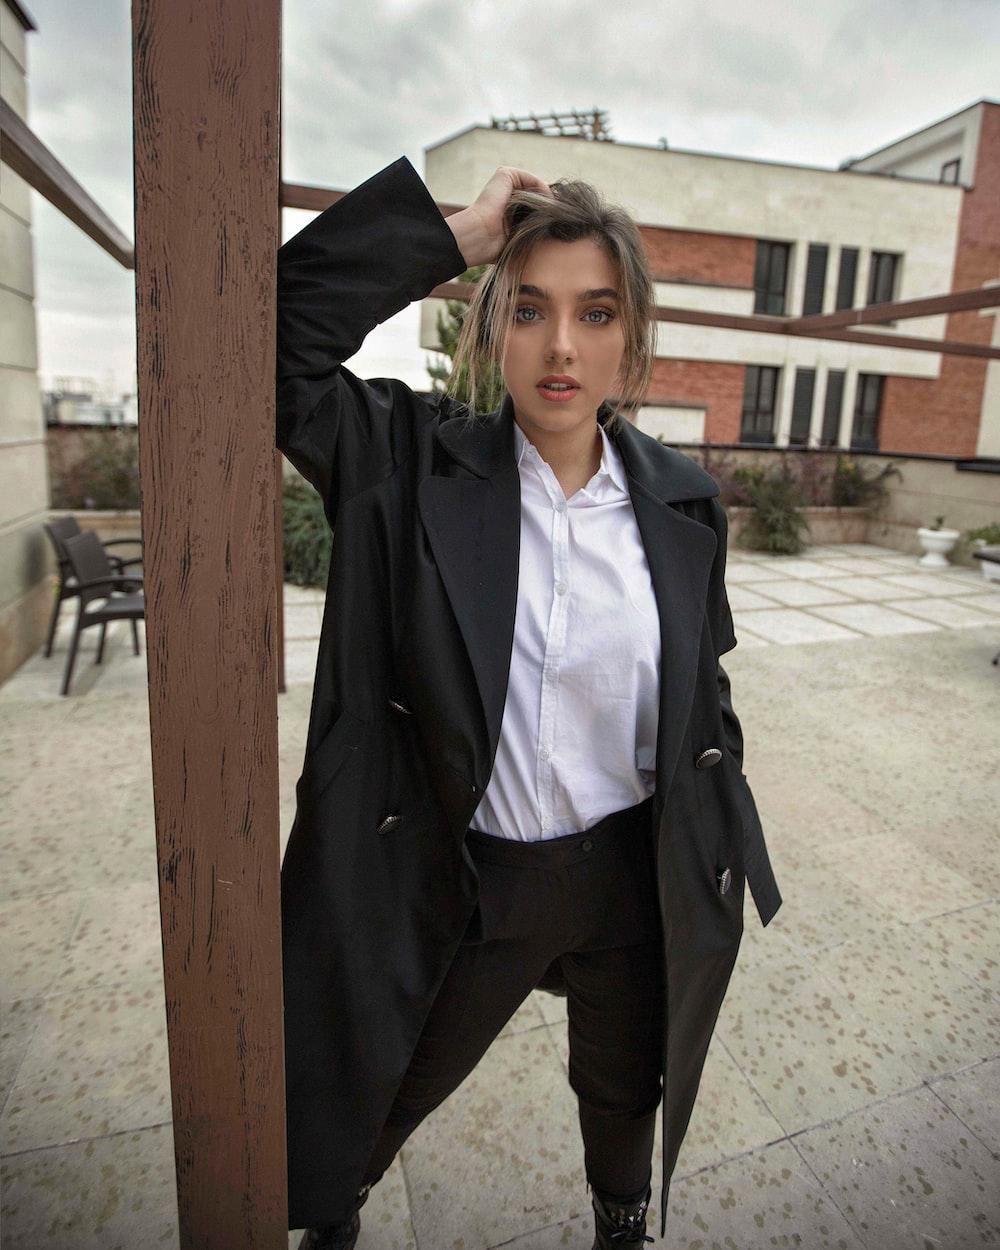 woman in black coat standing beside brown wooden post